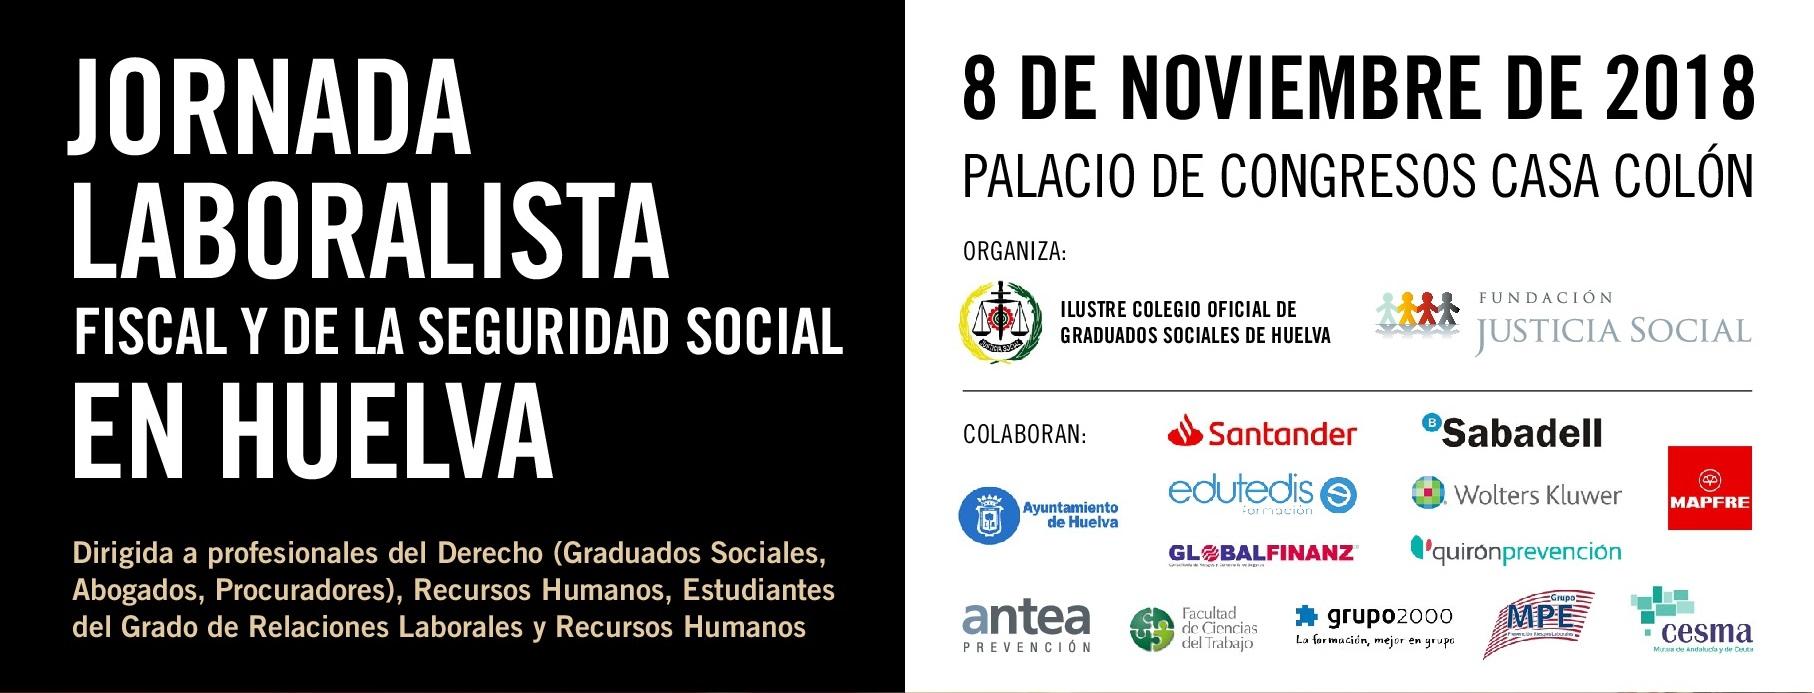 I Jornada Laboralista Fiscal Y De La Seguridad Social En